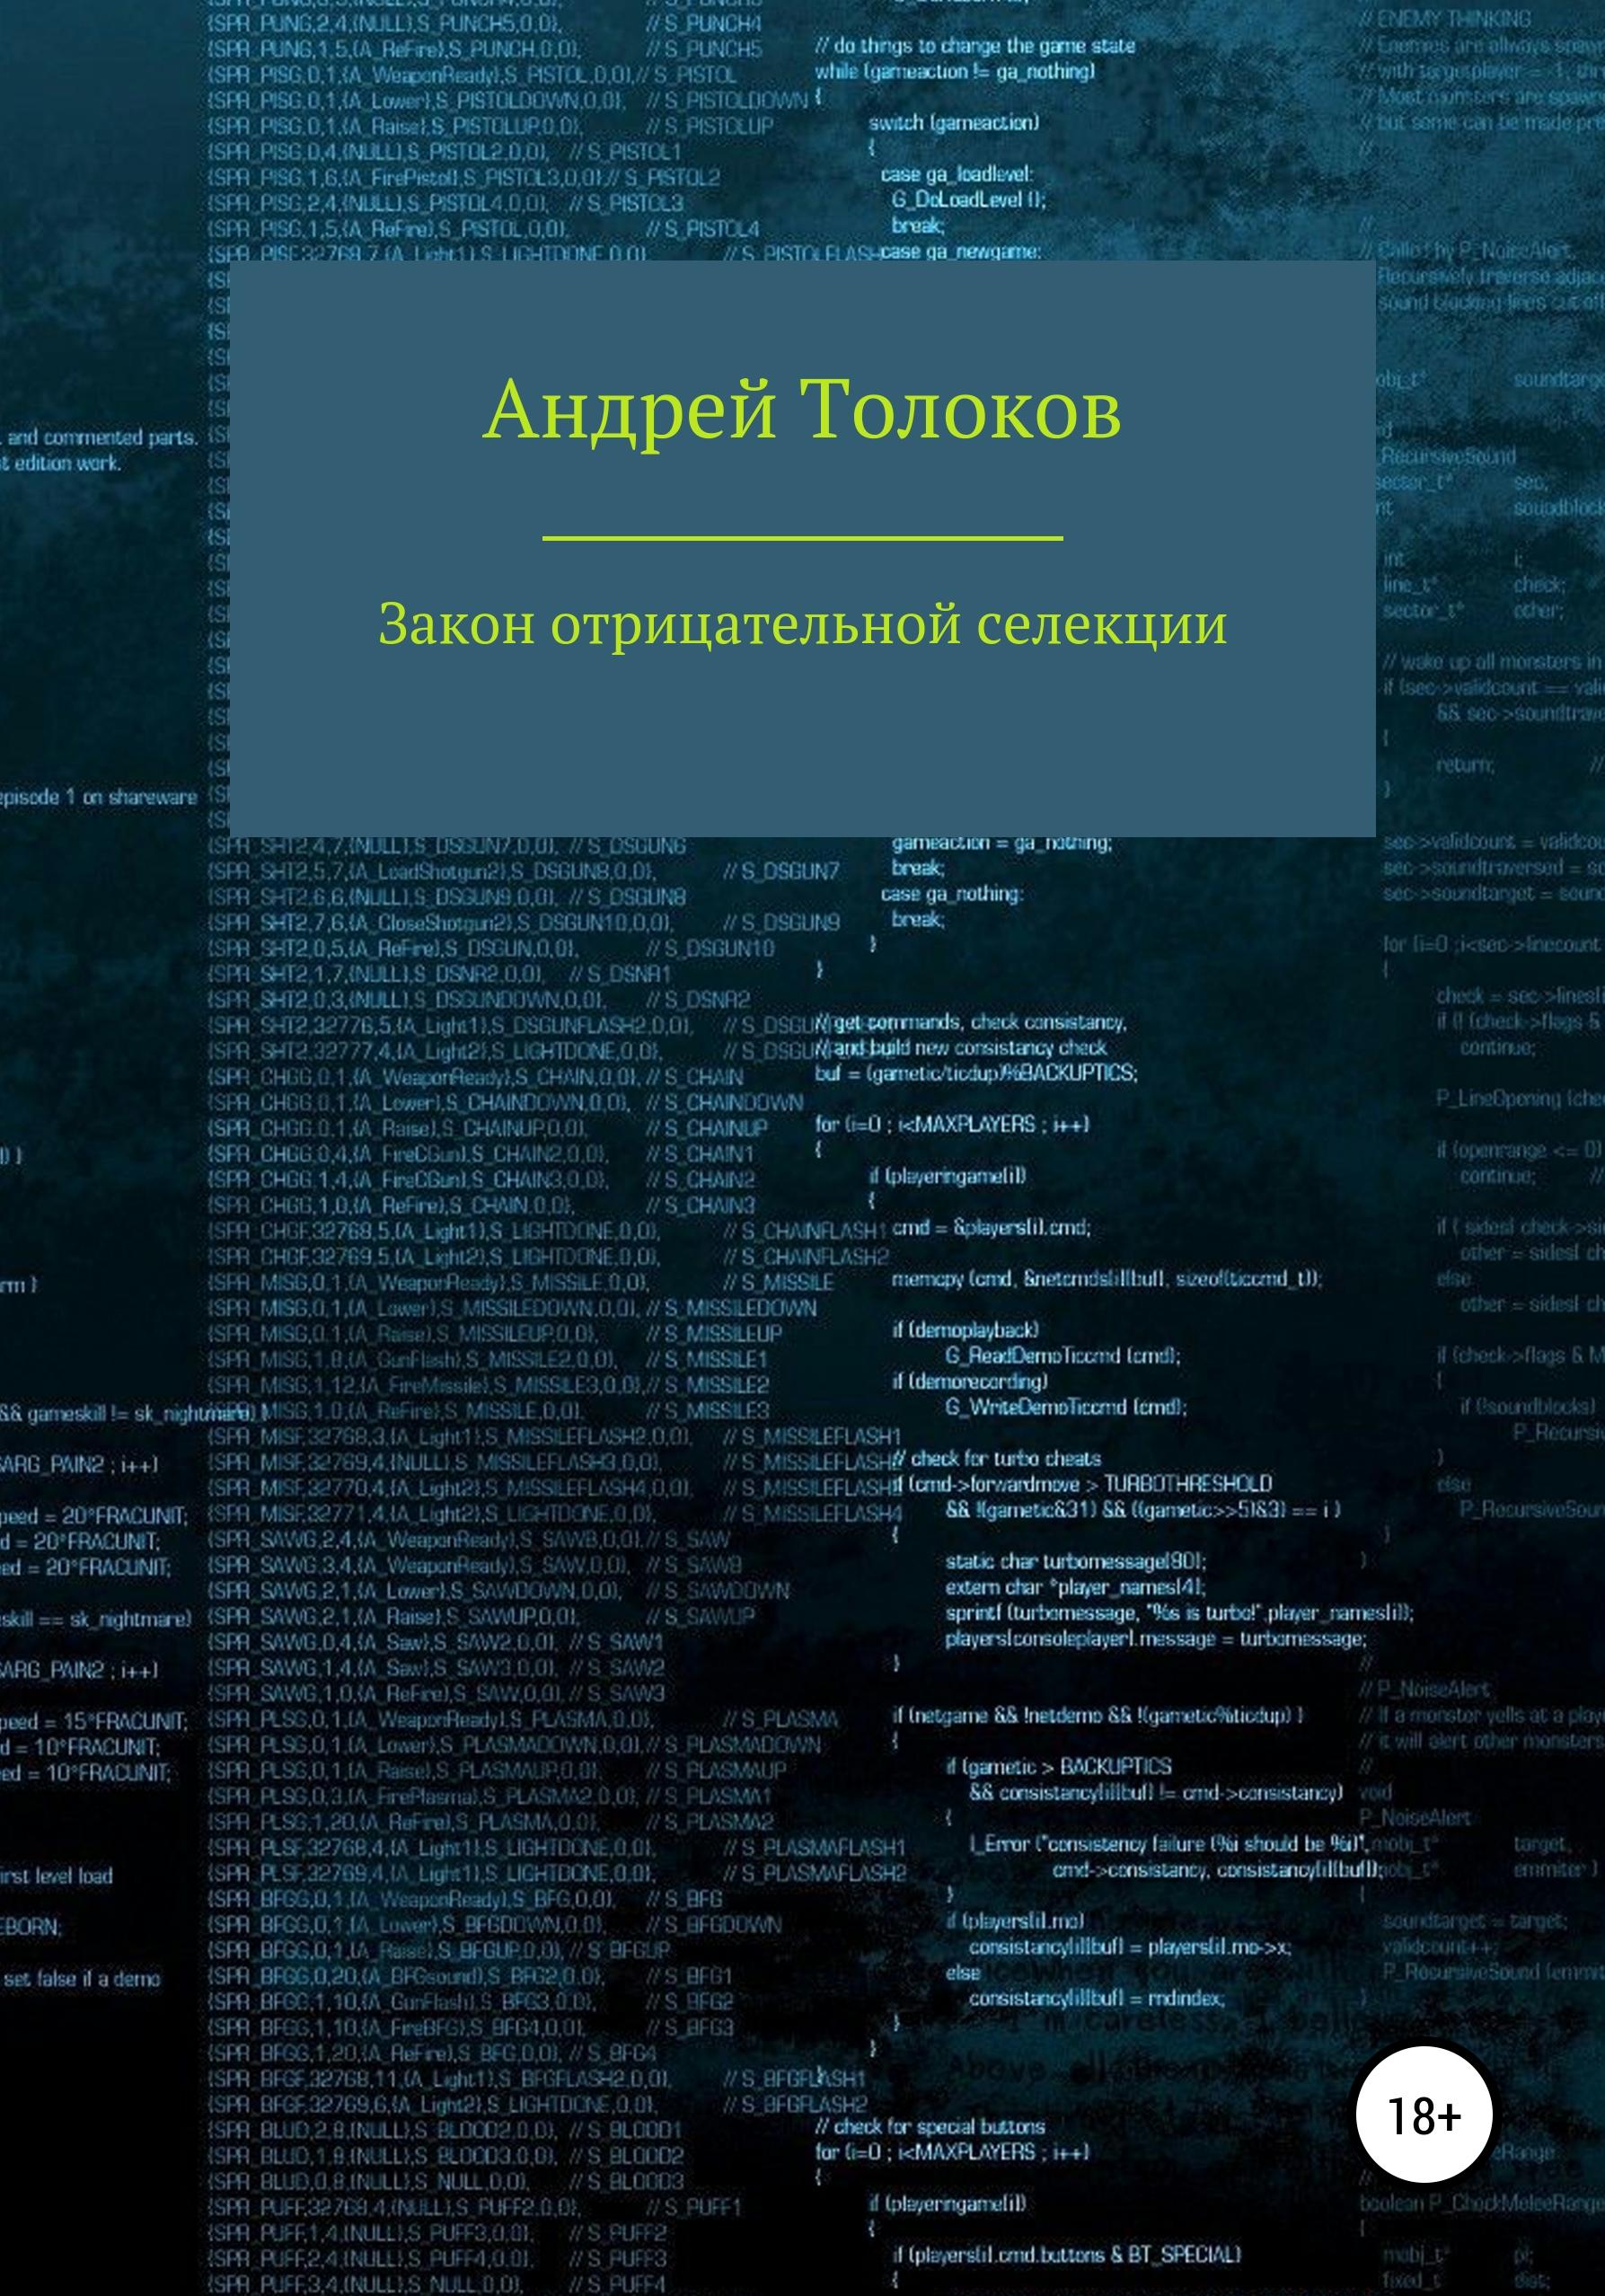 Андрей Анатольевич Толоков Закон отрицательной селекции